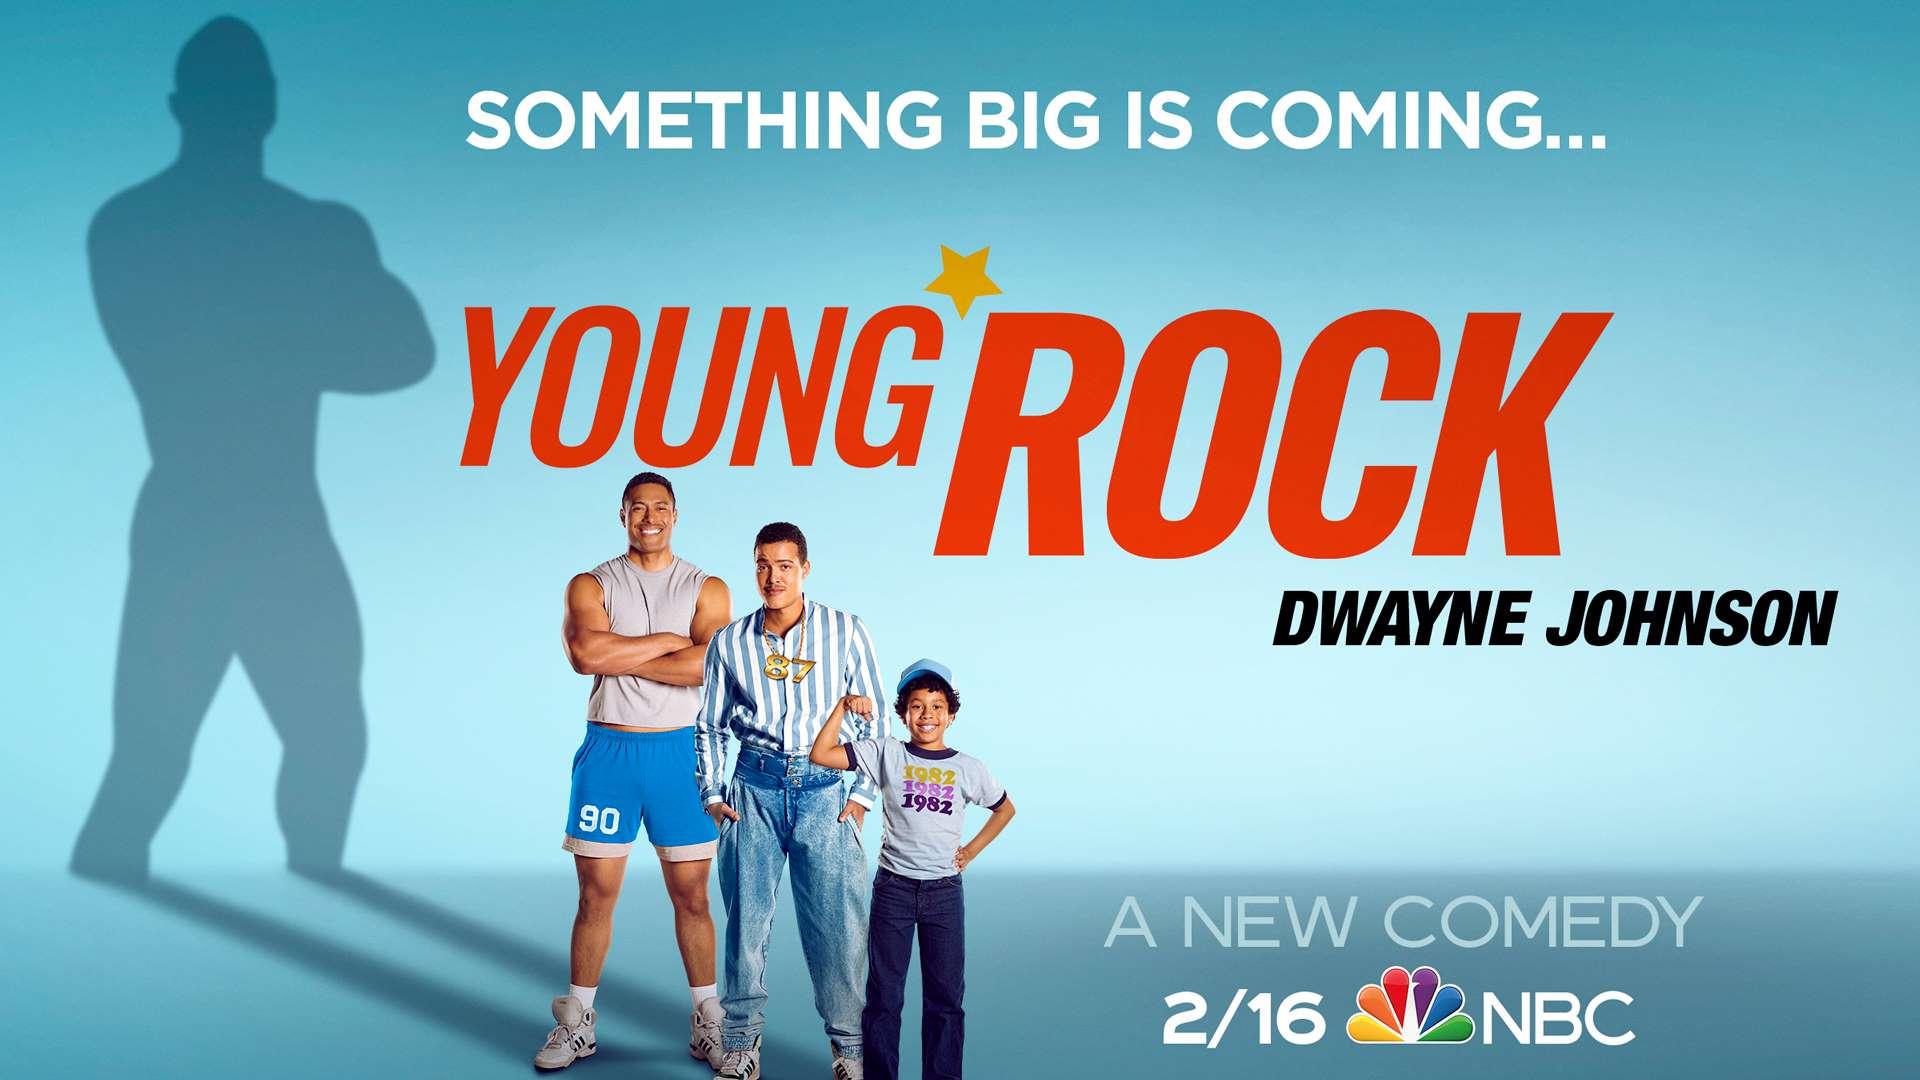 Young Rock Season 1 Episode 3